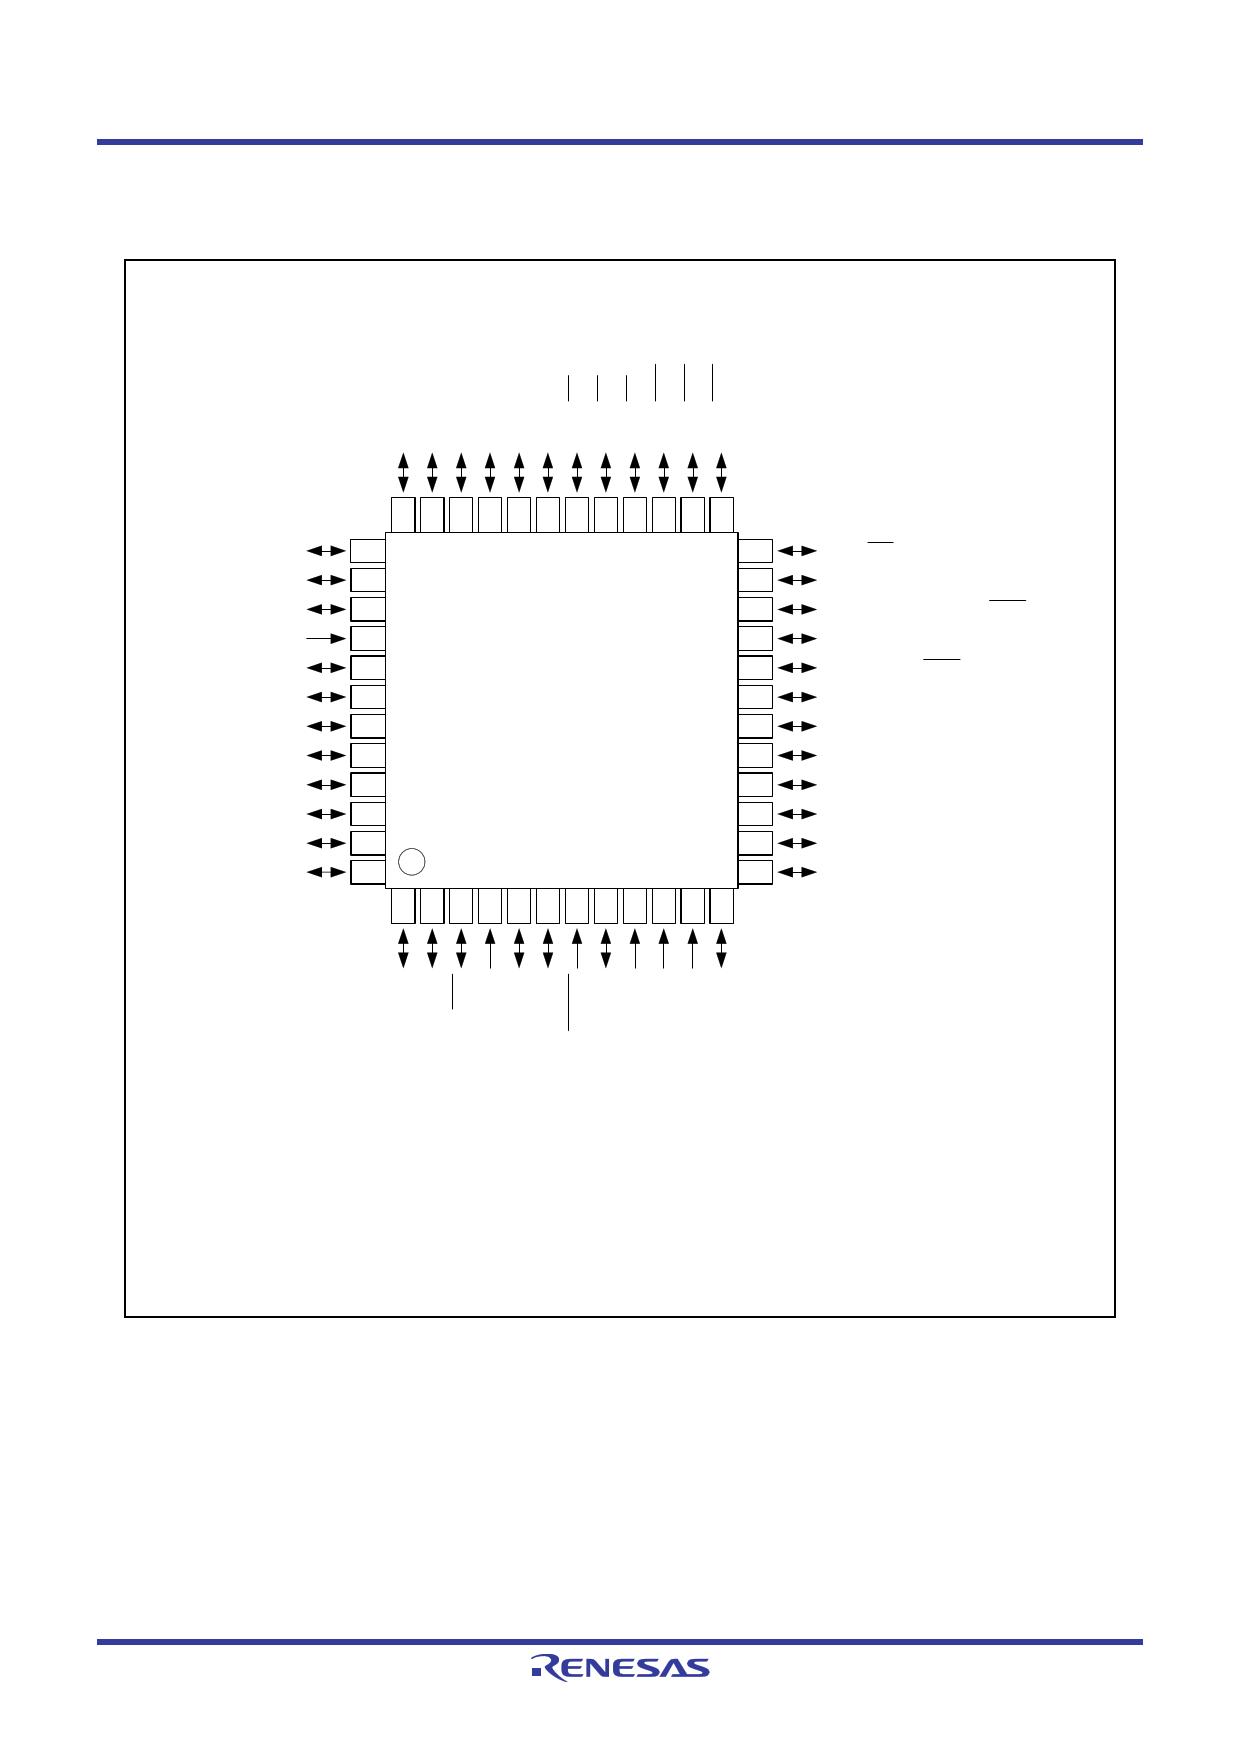 R5F21228JFP 전자부품, 판매, 대치품